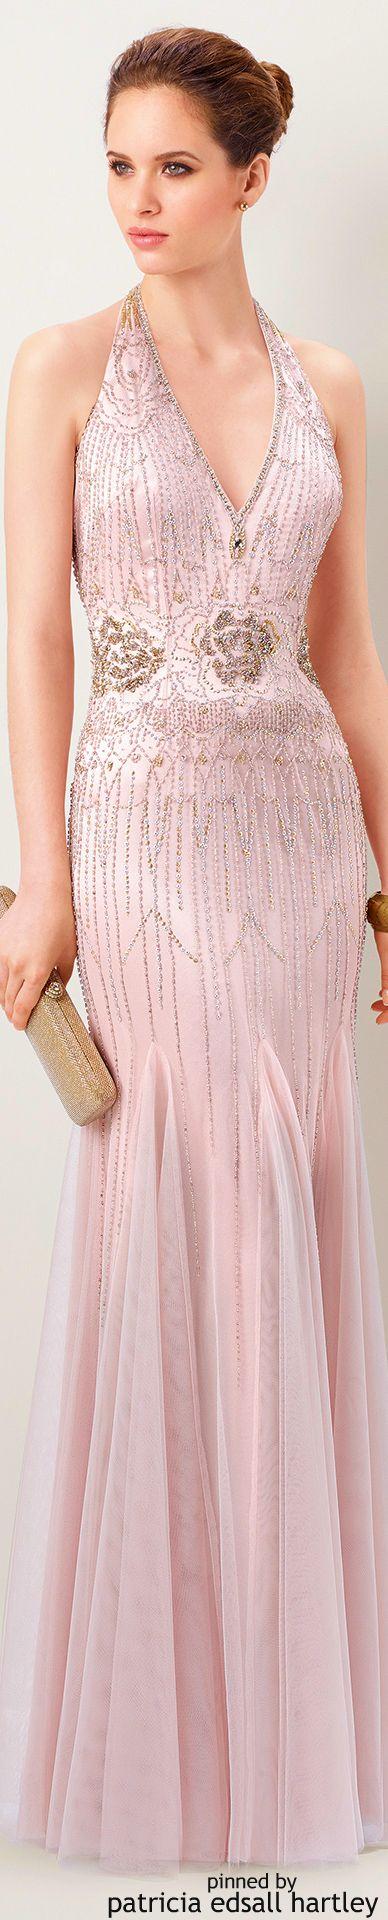 Pin de THE COLLECTOR en Tight Dress   Pinterest